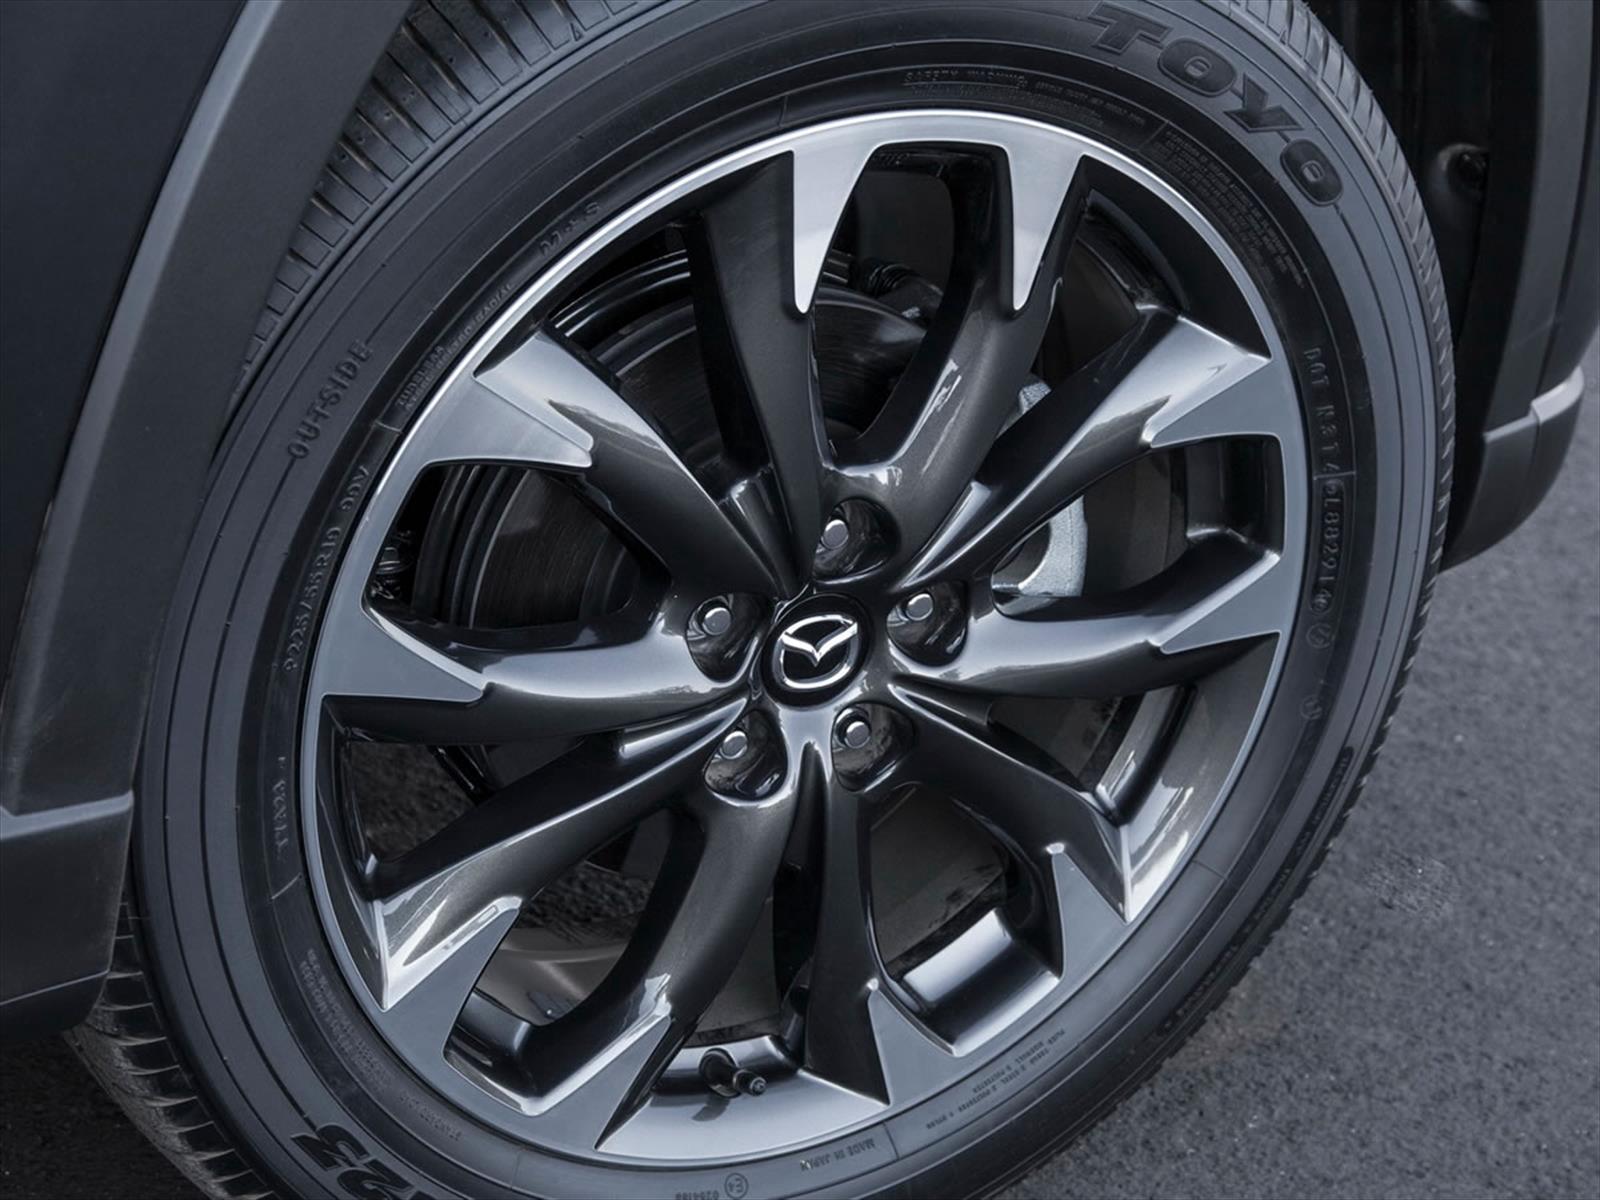 Sal 243 N De Los Angeles 2014 Mazda Cx 5 2016 Ligero Lavado